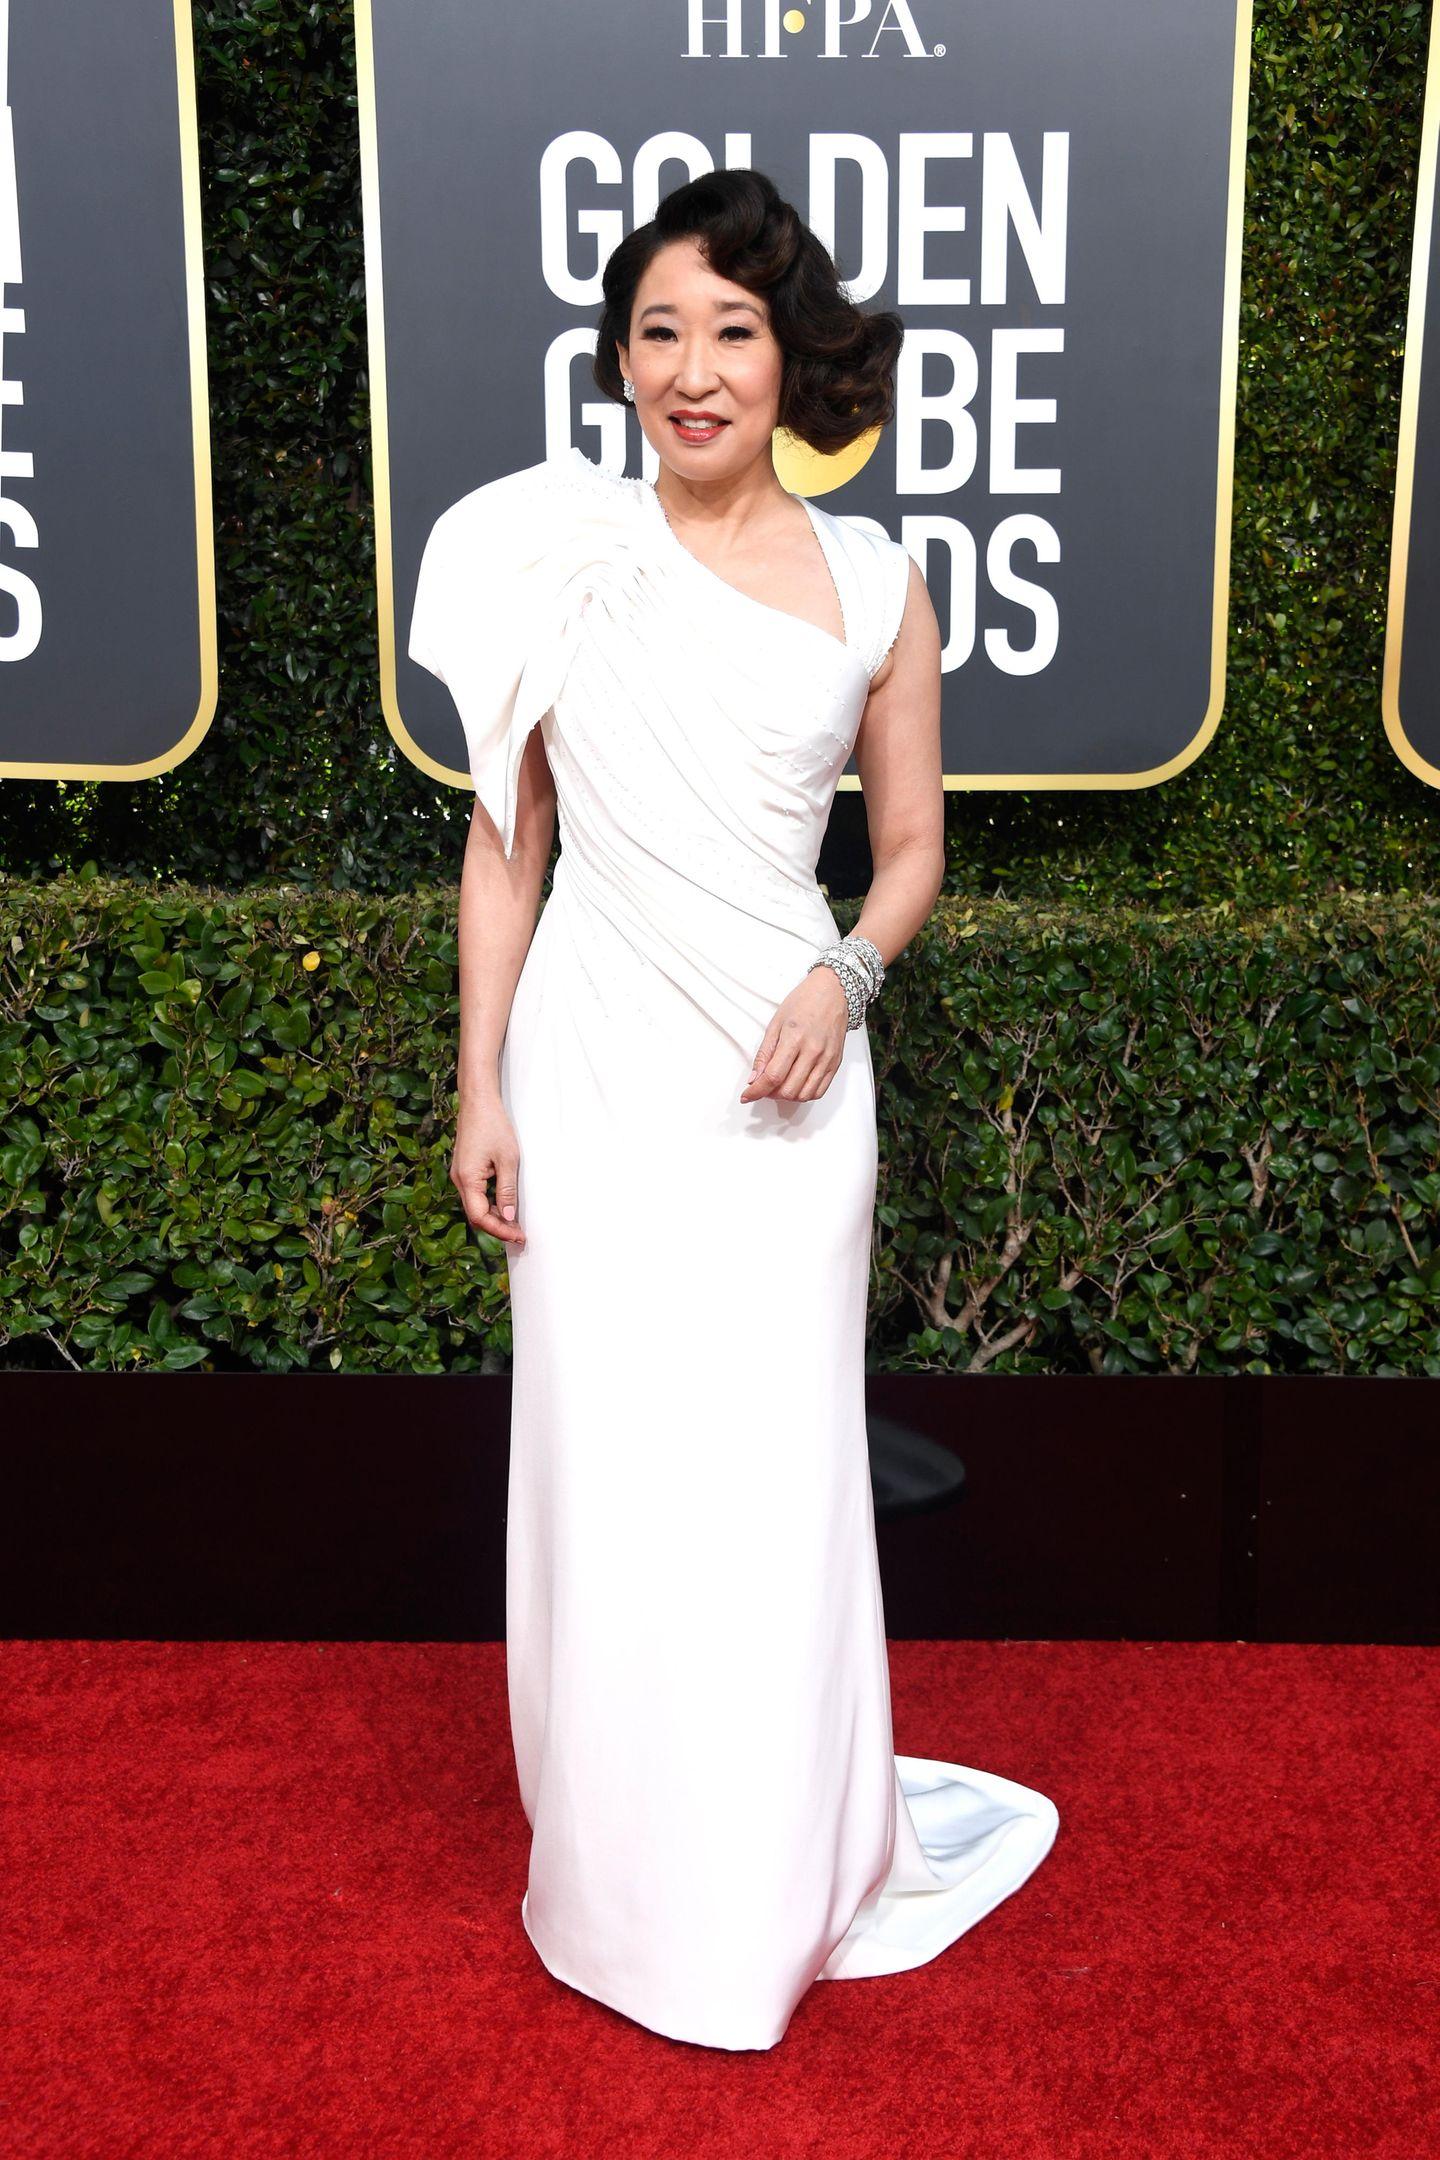 Sandra Oh wird an der Seite von Andy Sambergdurch den Abend führen. Sie ist die erste Kanadierin, der diese Ehre zuteil wird. Zu diesem Anlass wird sie sich mehrfach umziehen. In einem weißen Versace Dress gelingt ihr allerdings schonmal ein grandioser Auftakt.